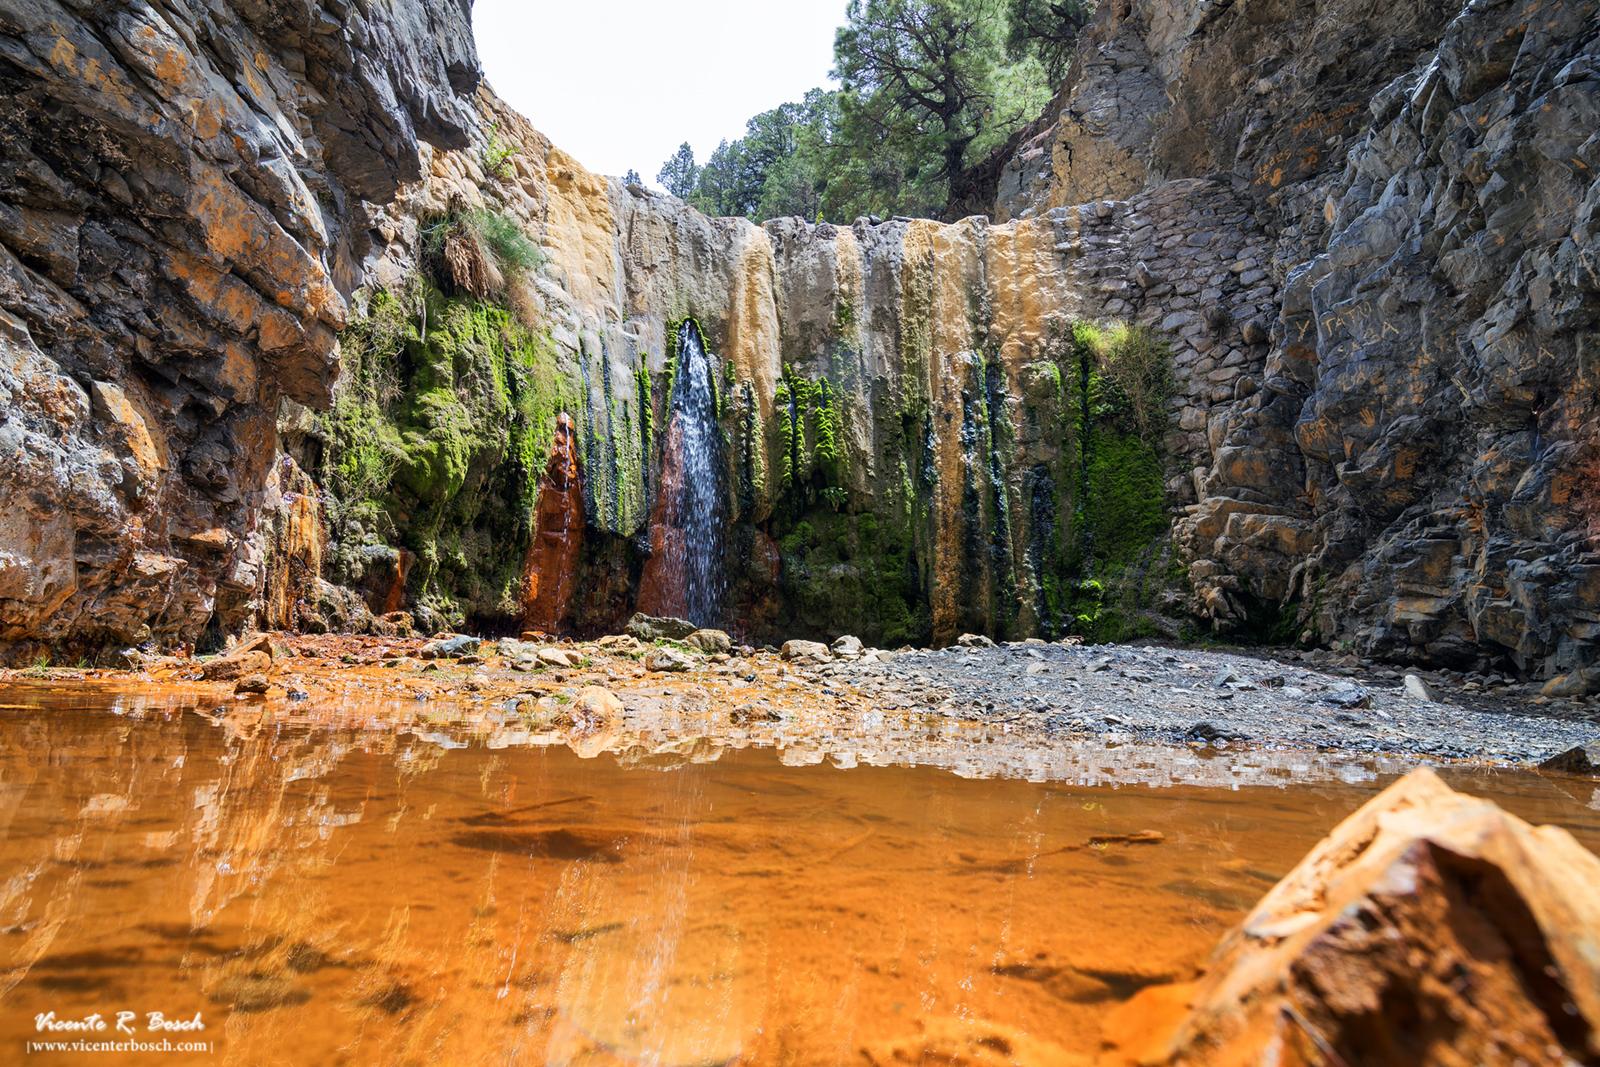 Cascada de colores - Caldera de Taburiente - La Palma